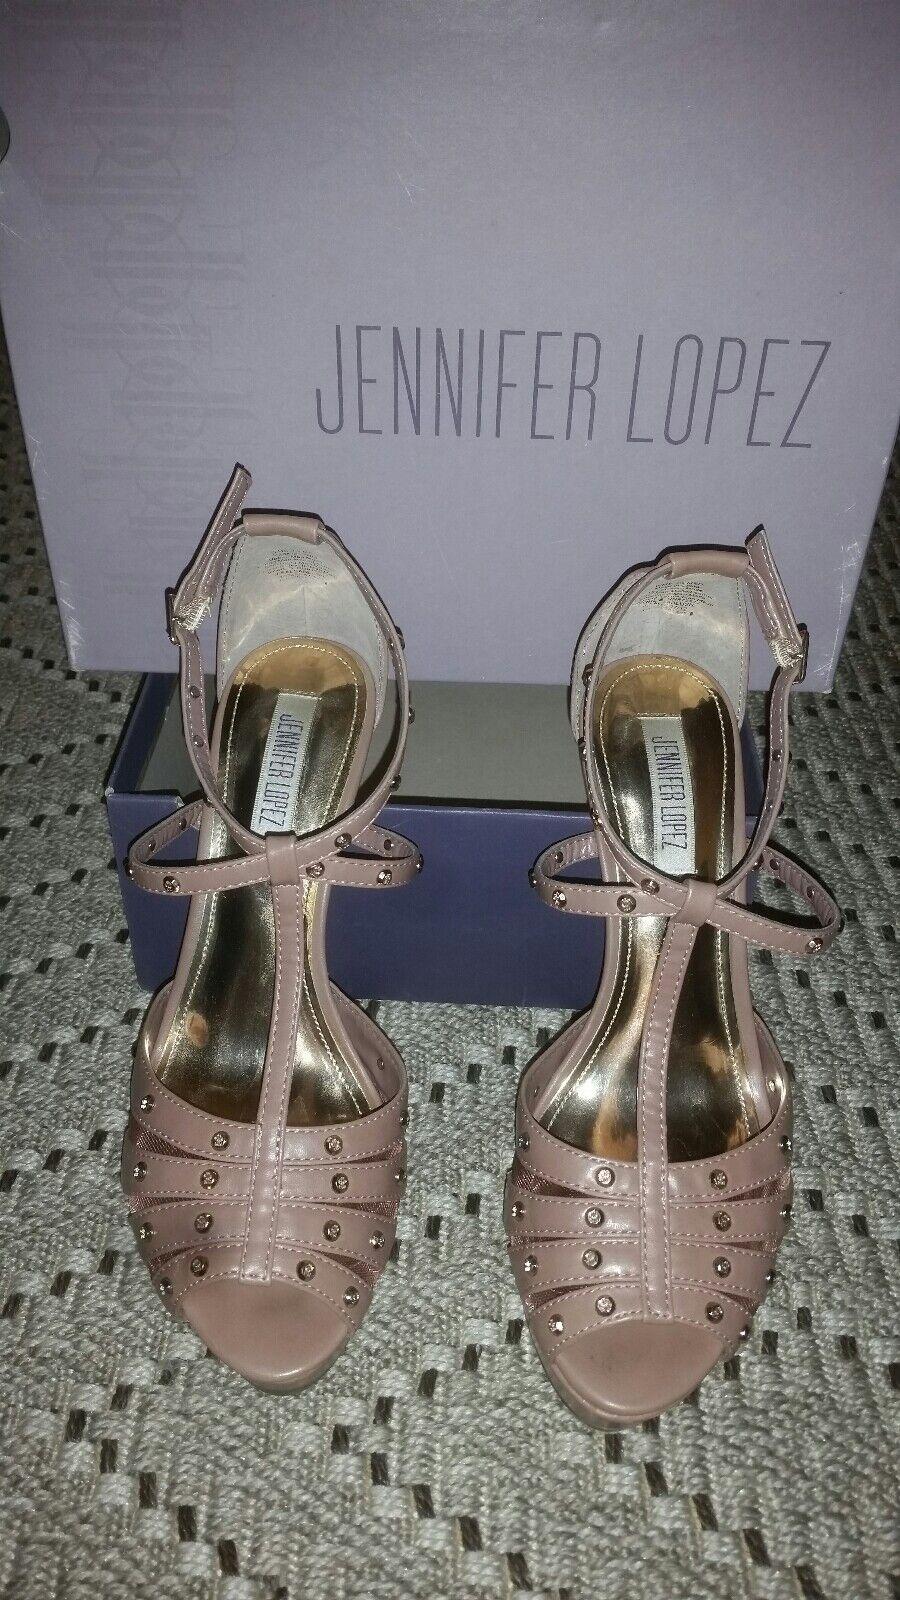 Jennifer Lopez Jl Jl Jl Tacón Alto Zapato de vestido  los clientes primero